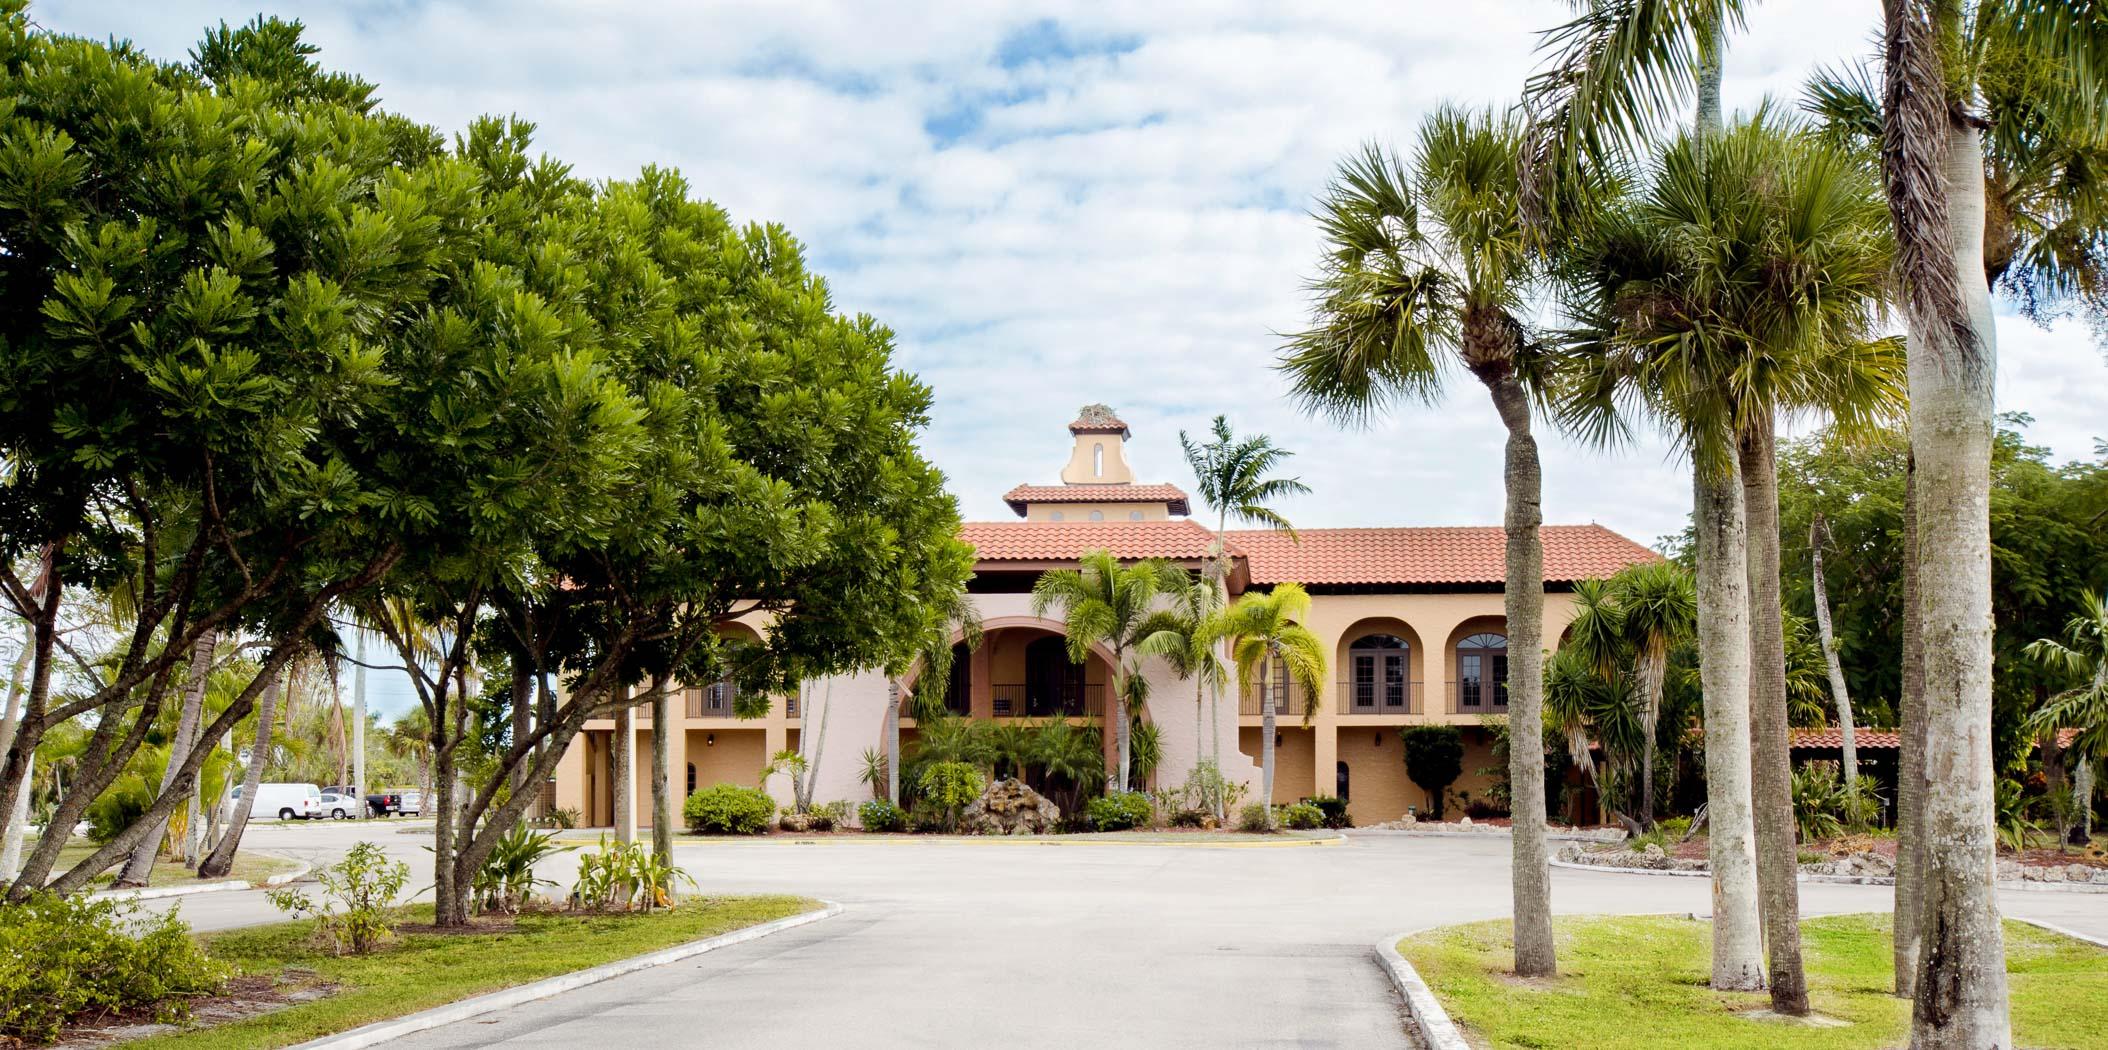 Port of the Islands Everglades Adventure Resort - Naples, FL 34114 - (855)923-8194 | ShowMeLocal.com